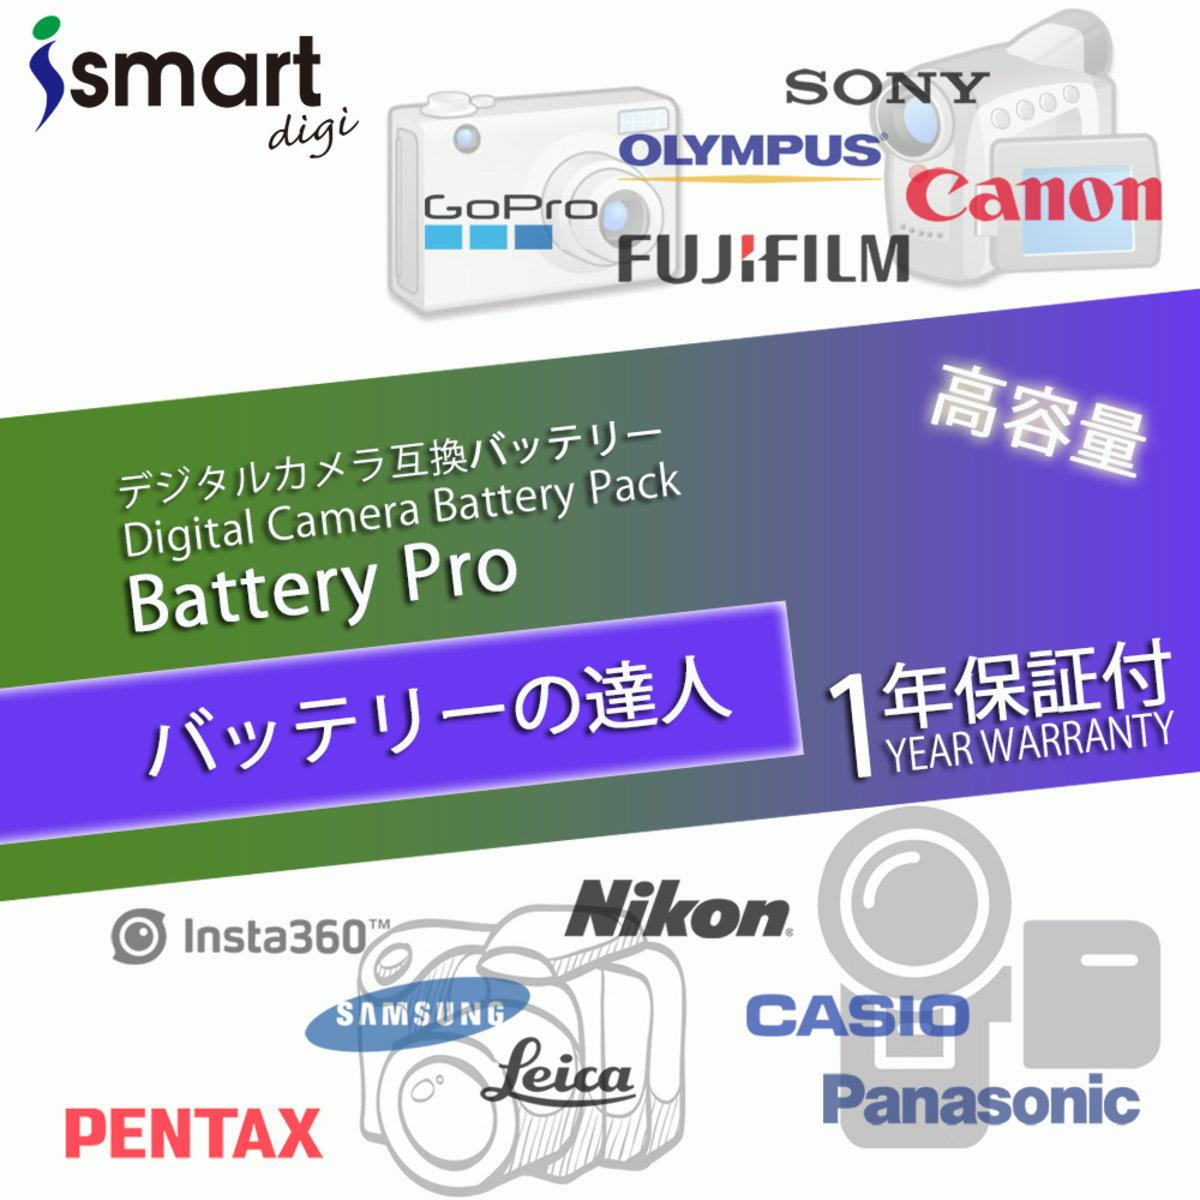 佳能數碼相機電池(適合: HF100, HF11, HG21,VIXIA HF10, HF100, iVIS HF10, HF100)